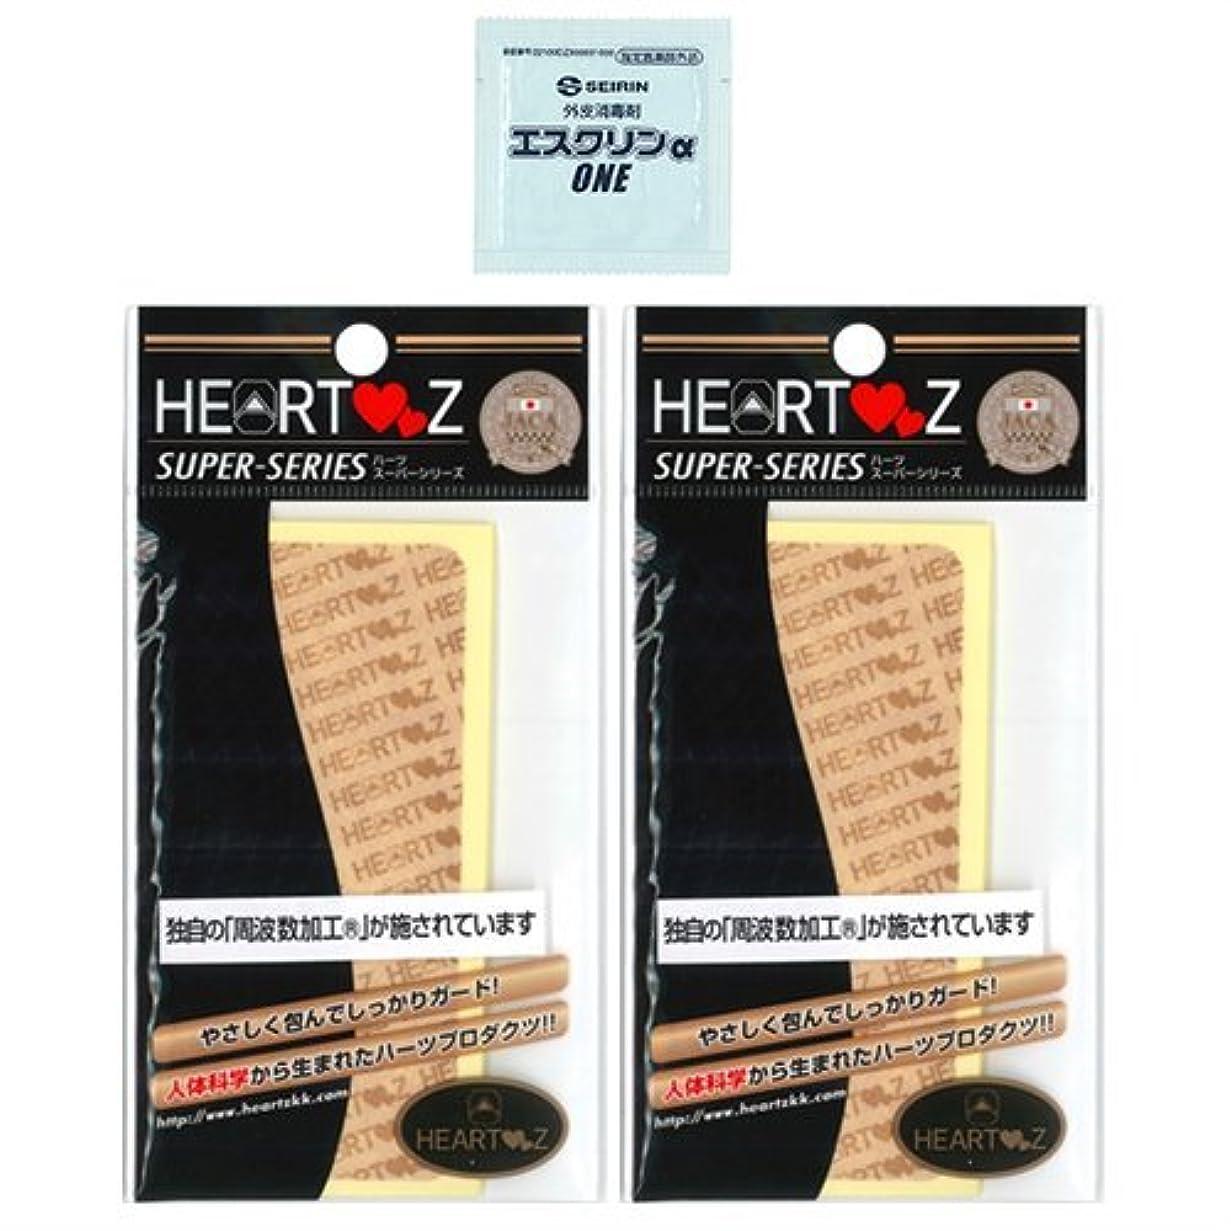 正当化する千望まない【HEARTZ(ハーツ)】ハーツスーパーシール ベタ貼りタイプ 8枚入×2個セット (計16枚) + エスクリンαONEx1個 セット